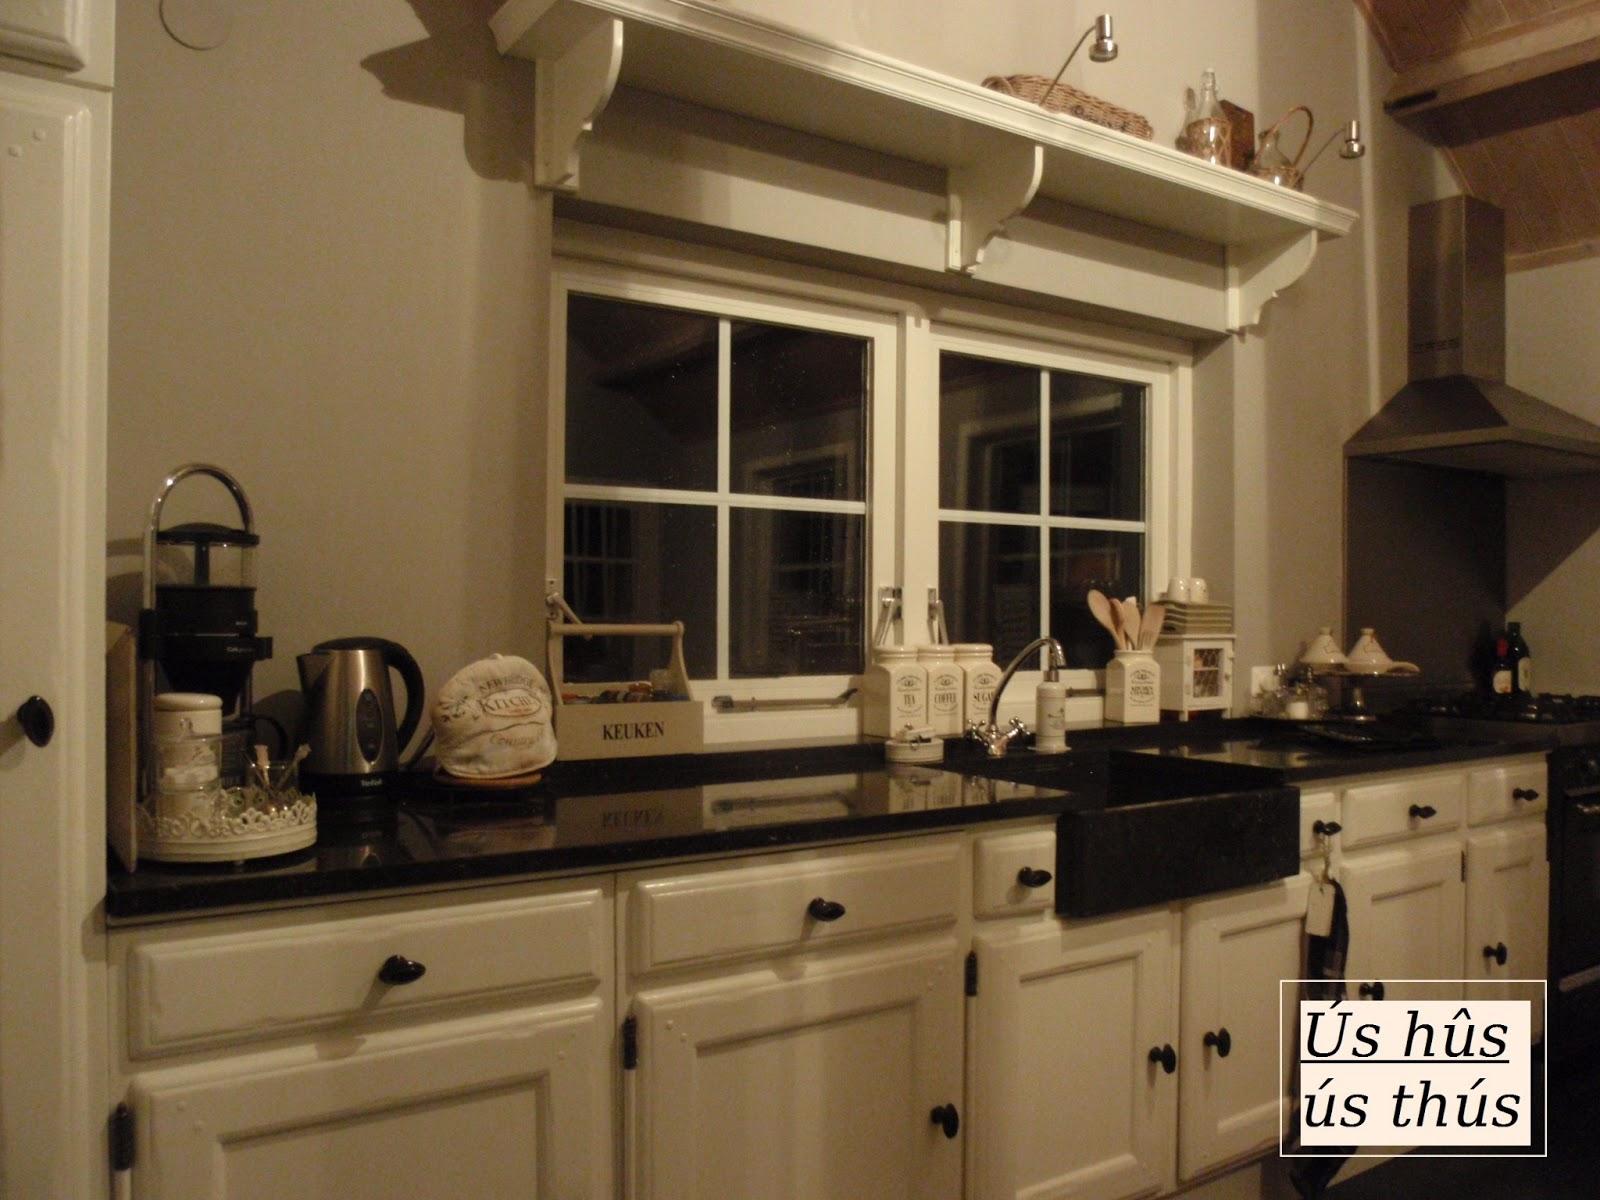 Witte Keuken Kleur Muur : Een kijkje in de keuken...